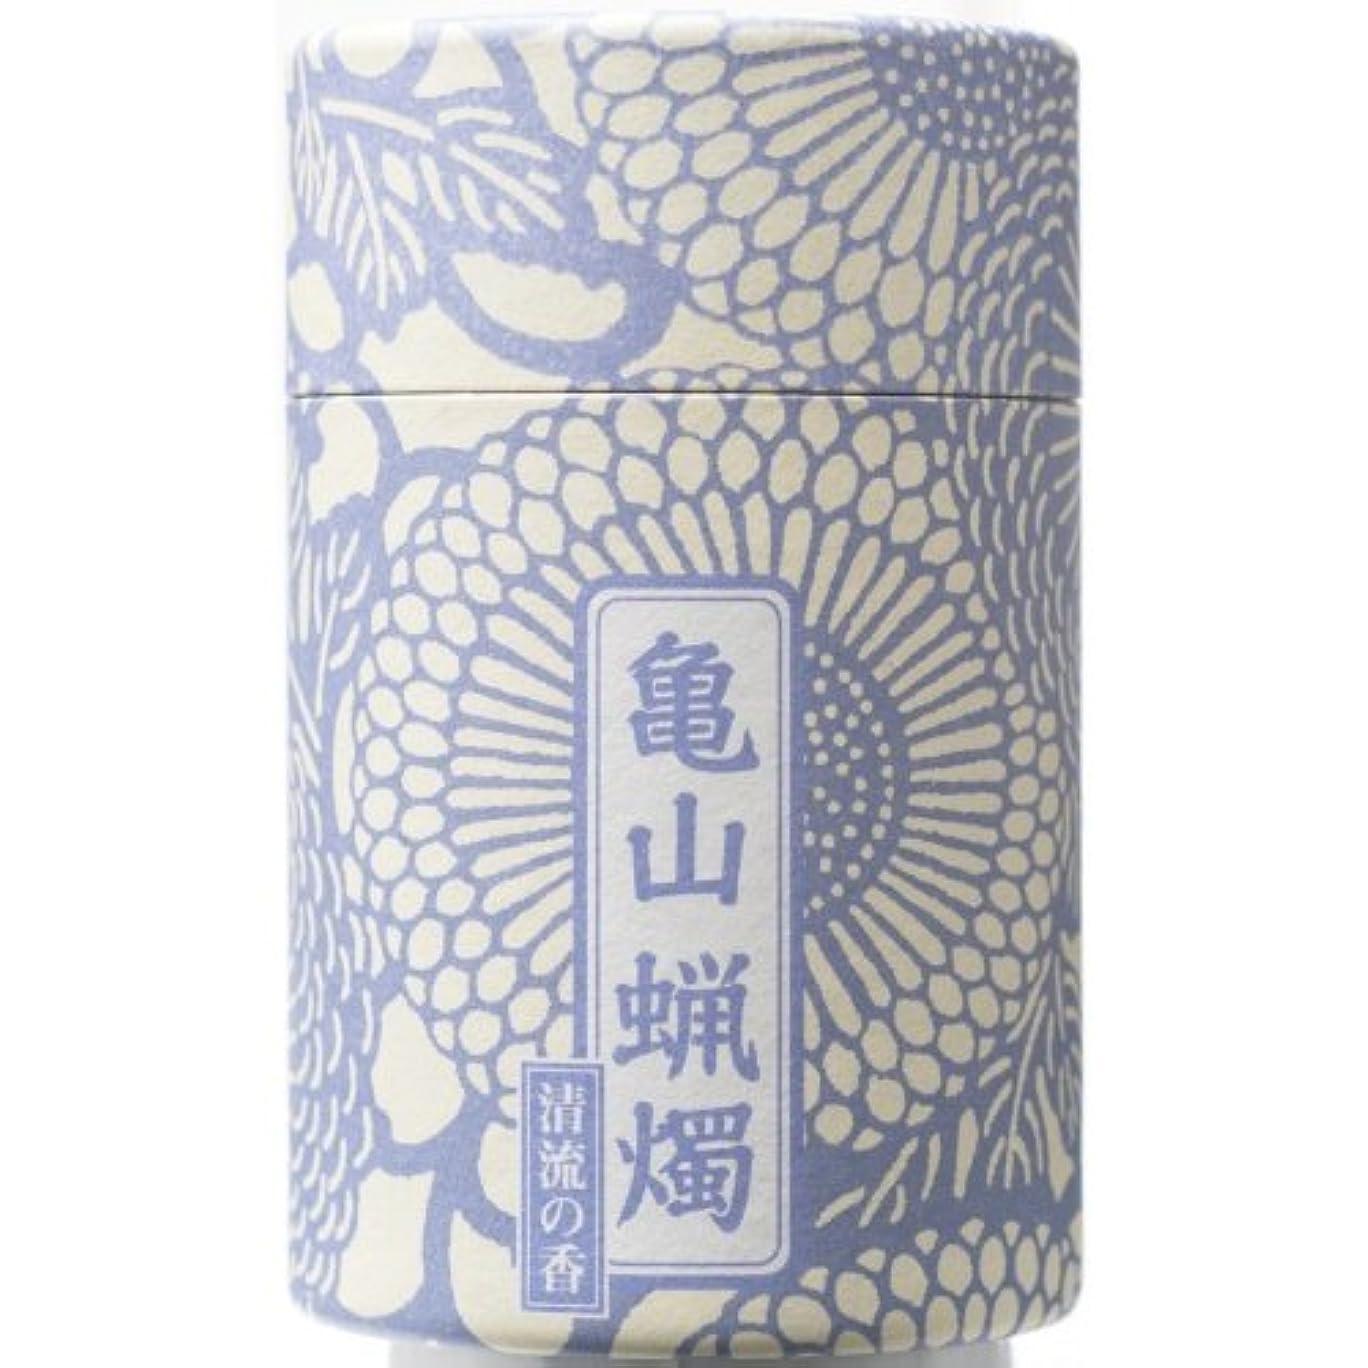 うんトロピカル肌寒い和遊 10分蝋燭(清流の香) 約116本